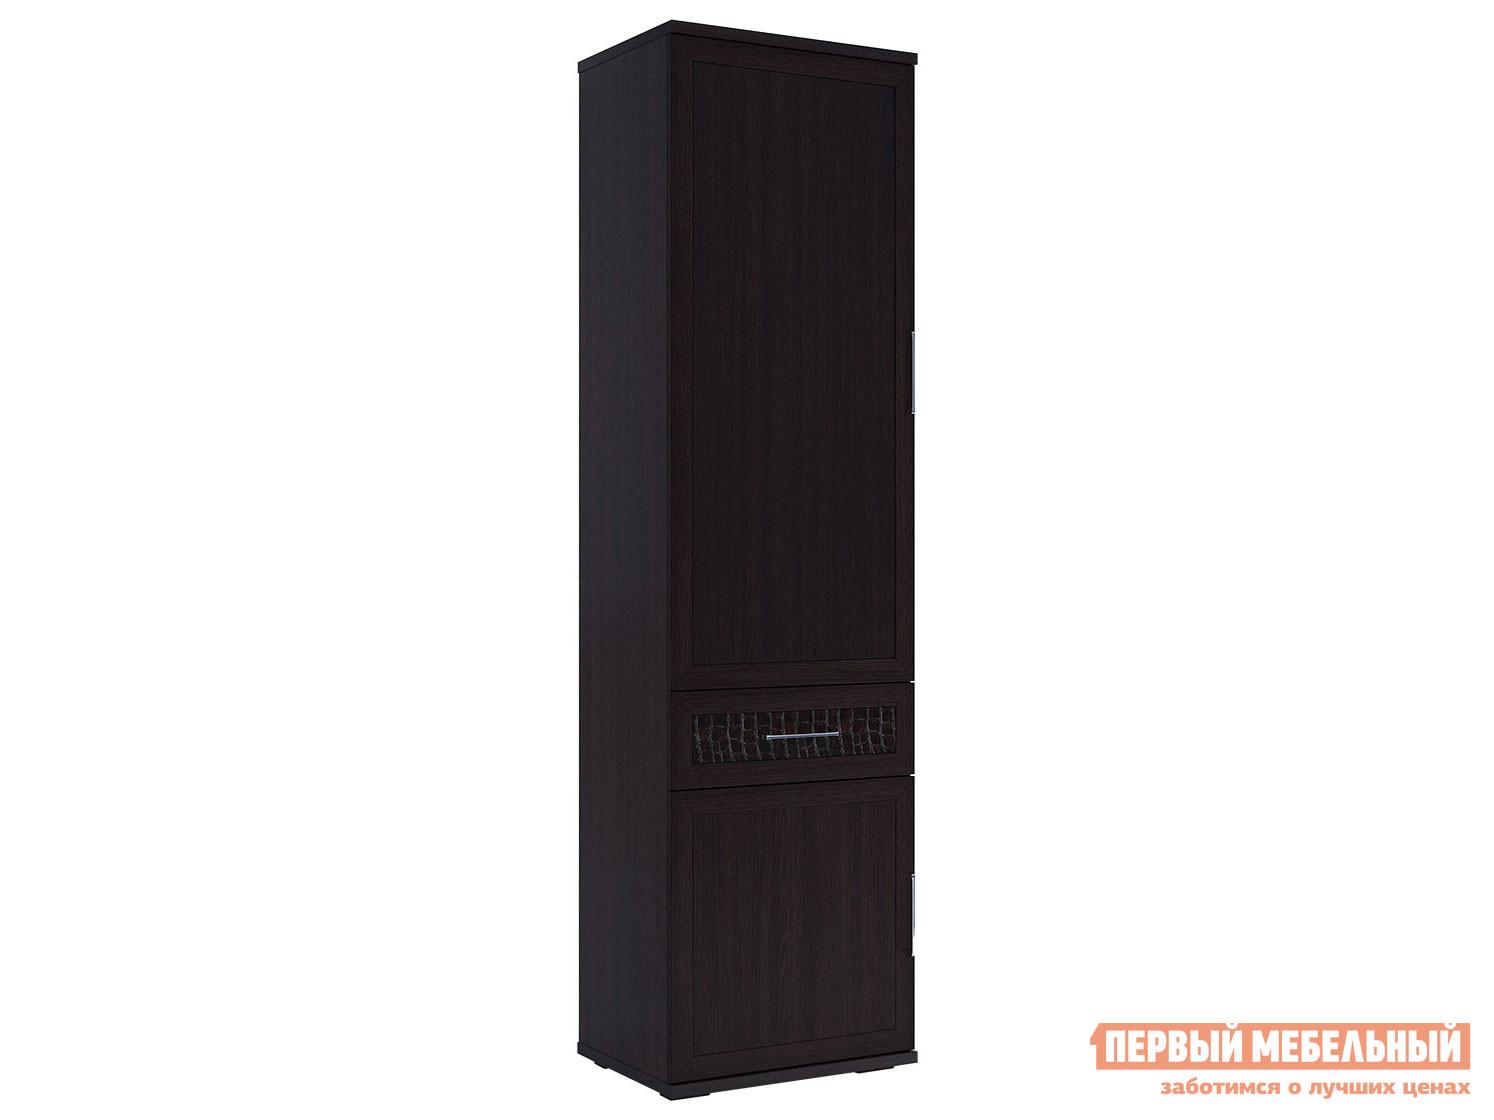 Шкаф распашной Первый Мебельный Шкаф 600 Парма Люкс